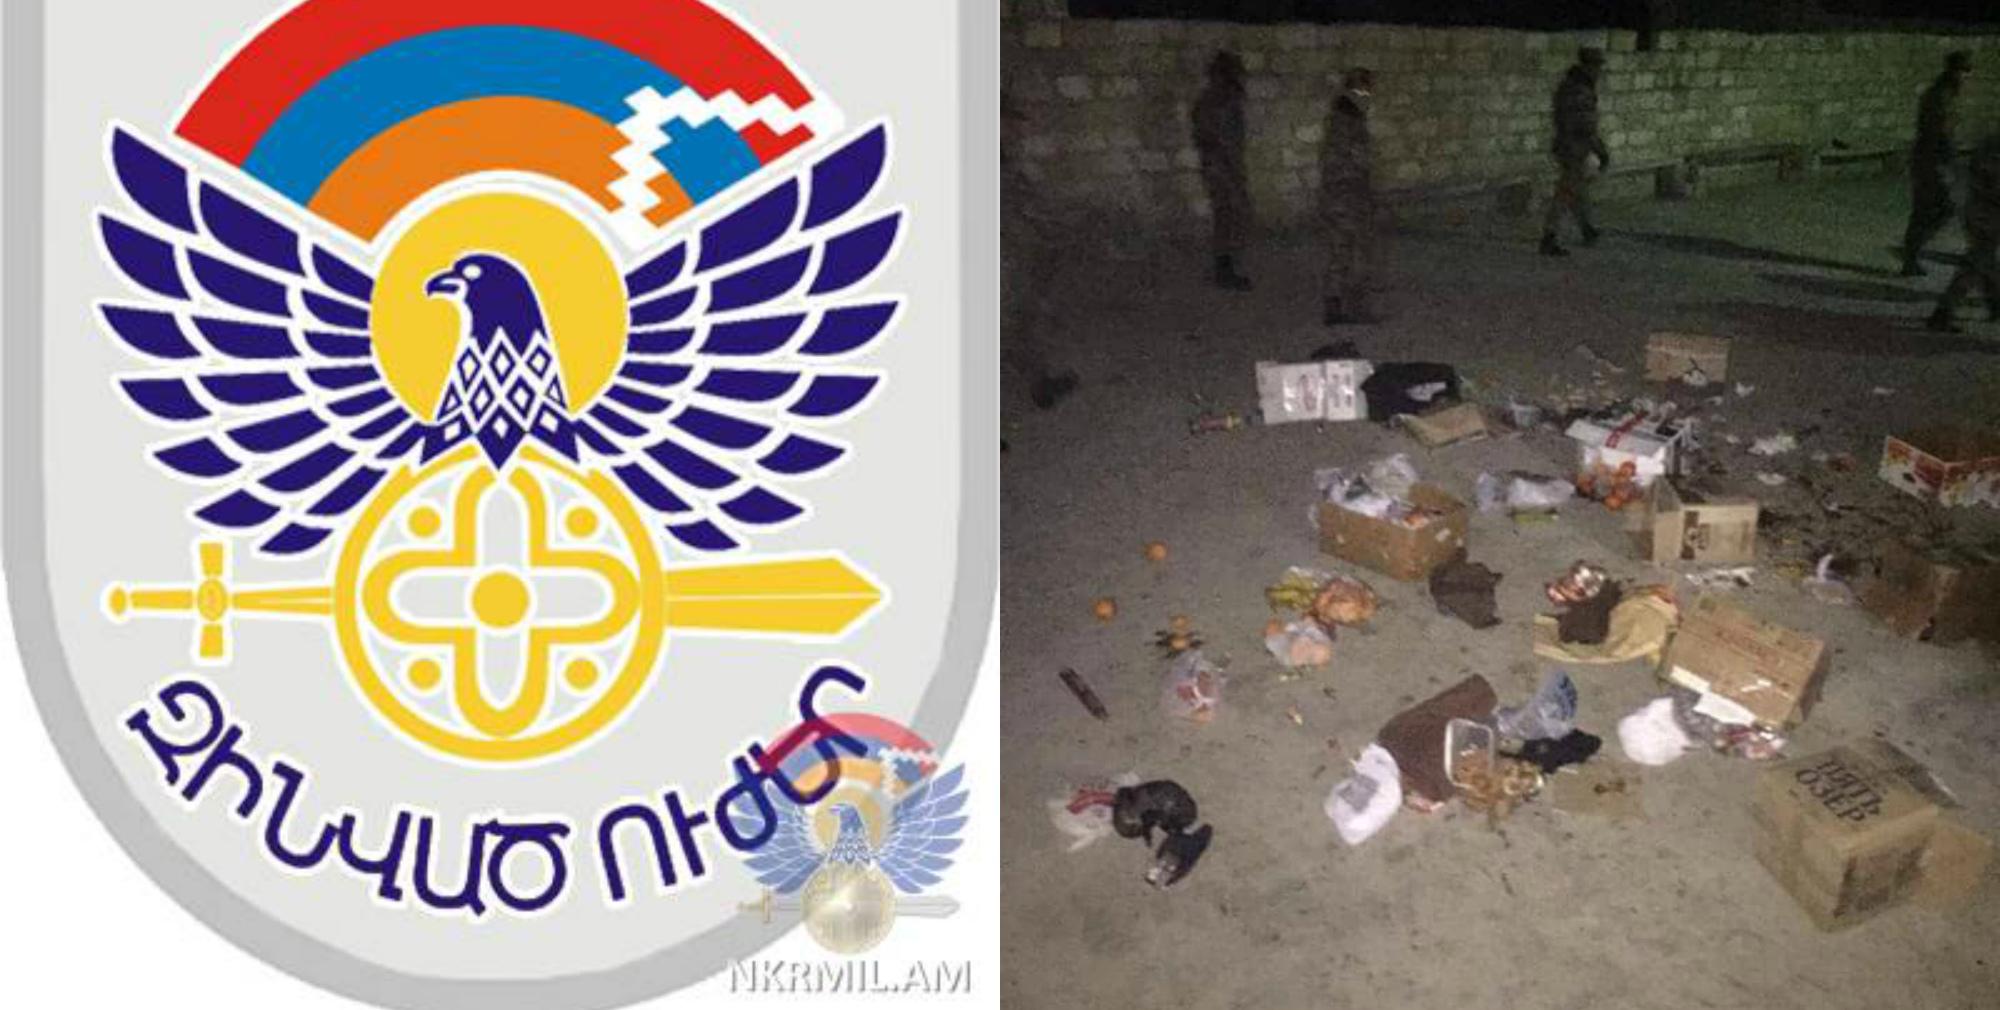 Ծանրոցներում եղել է ալկոհոլային խմիչք և փչացած սննդամթերք. Արցախի ՊԲ-ն՝ զինծառայողների սնունդը պատուհանից նետելու մասին